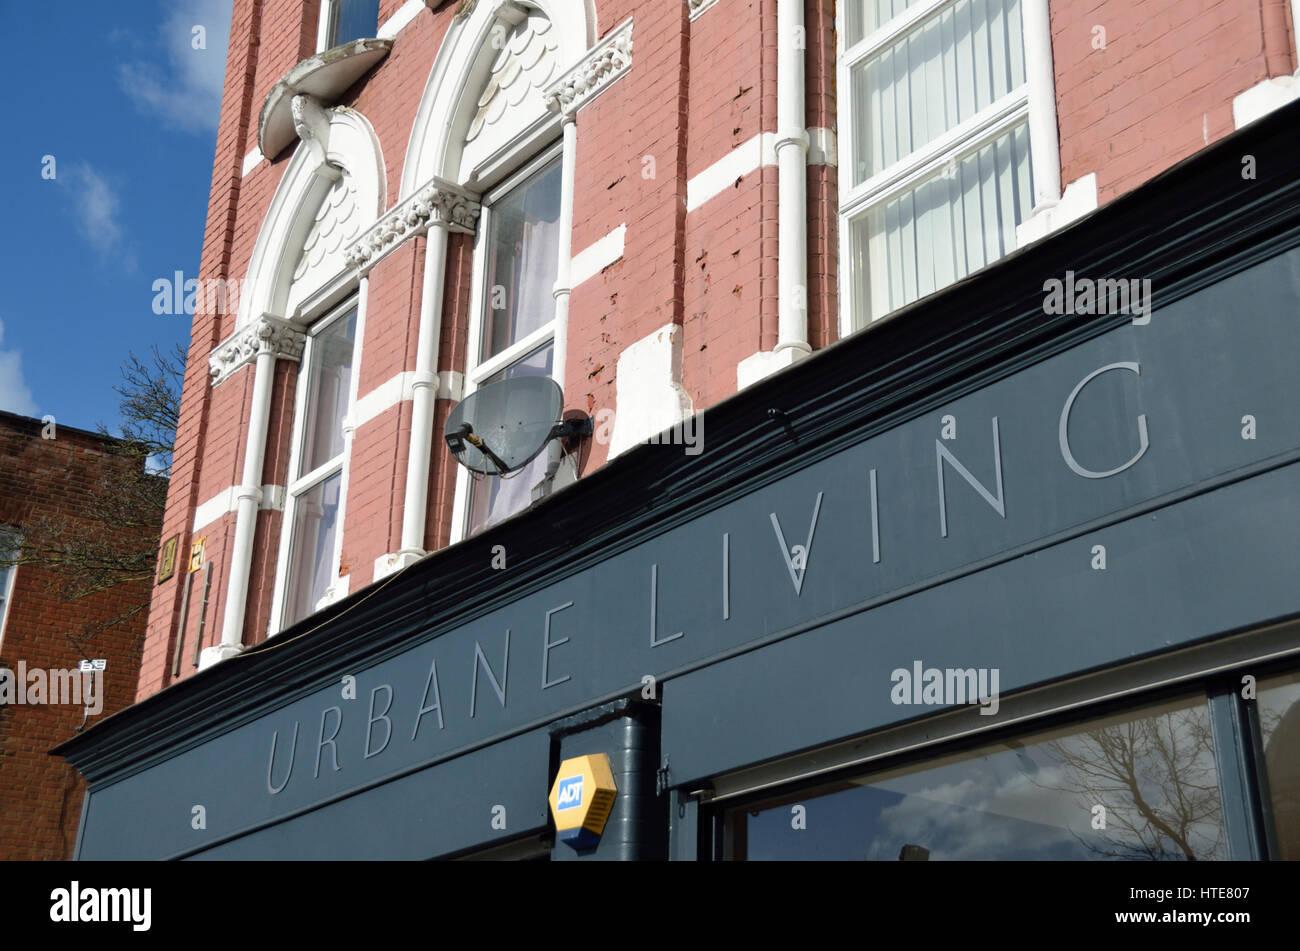 Urbane Leben Bodenbelag Fachhändler in Chiswick High Road, Chiswick, London, Großbritannien. Stockbild